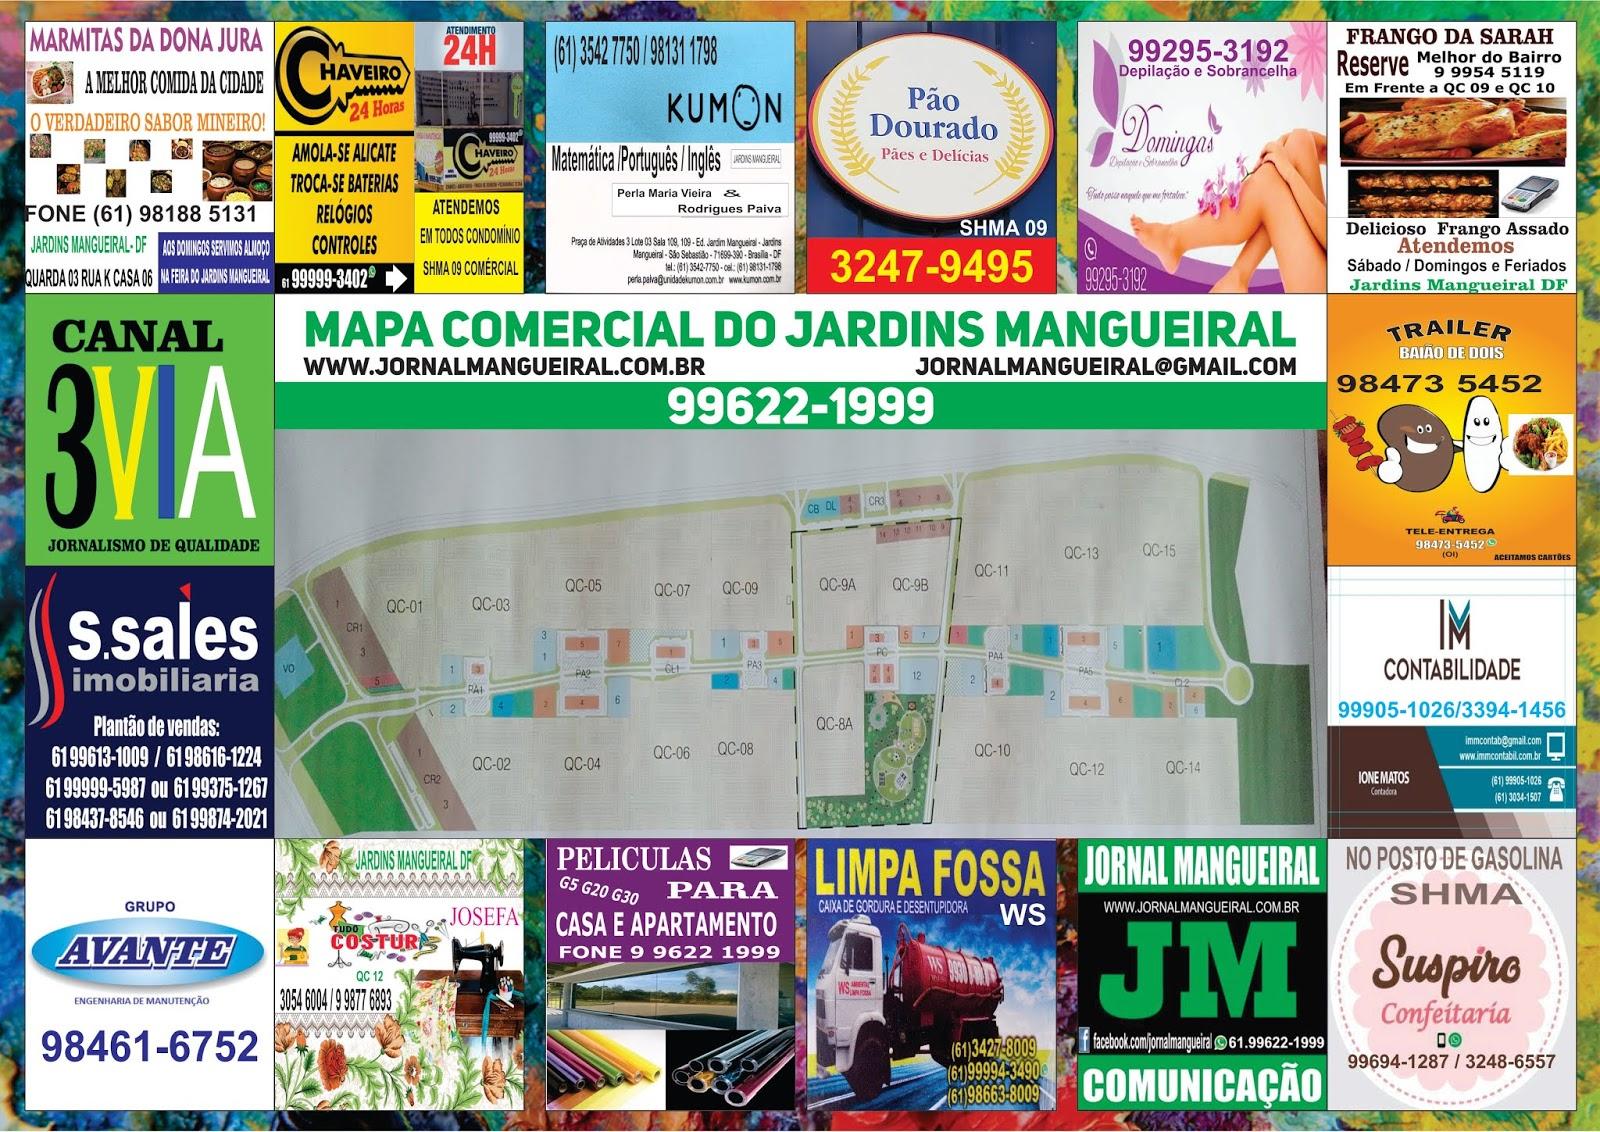 Joel%2BMatos%2B %2BCopia - Qual é o supermercado mais barato do Jardim Botânico e São Sebastiao DF?  O Jornal Mangueiral pesquisou!